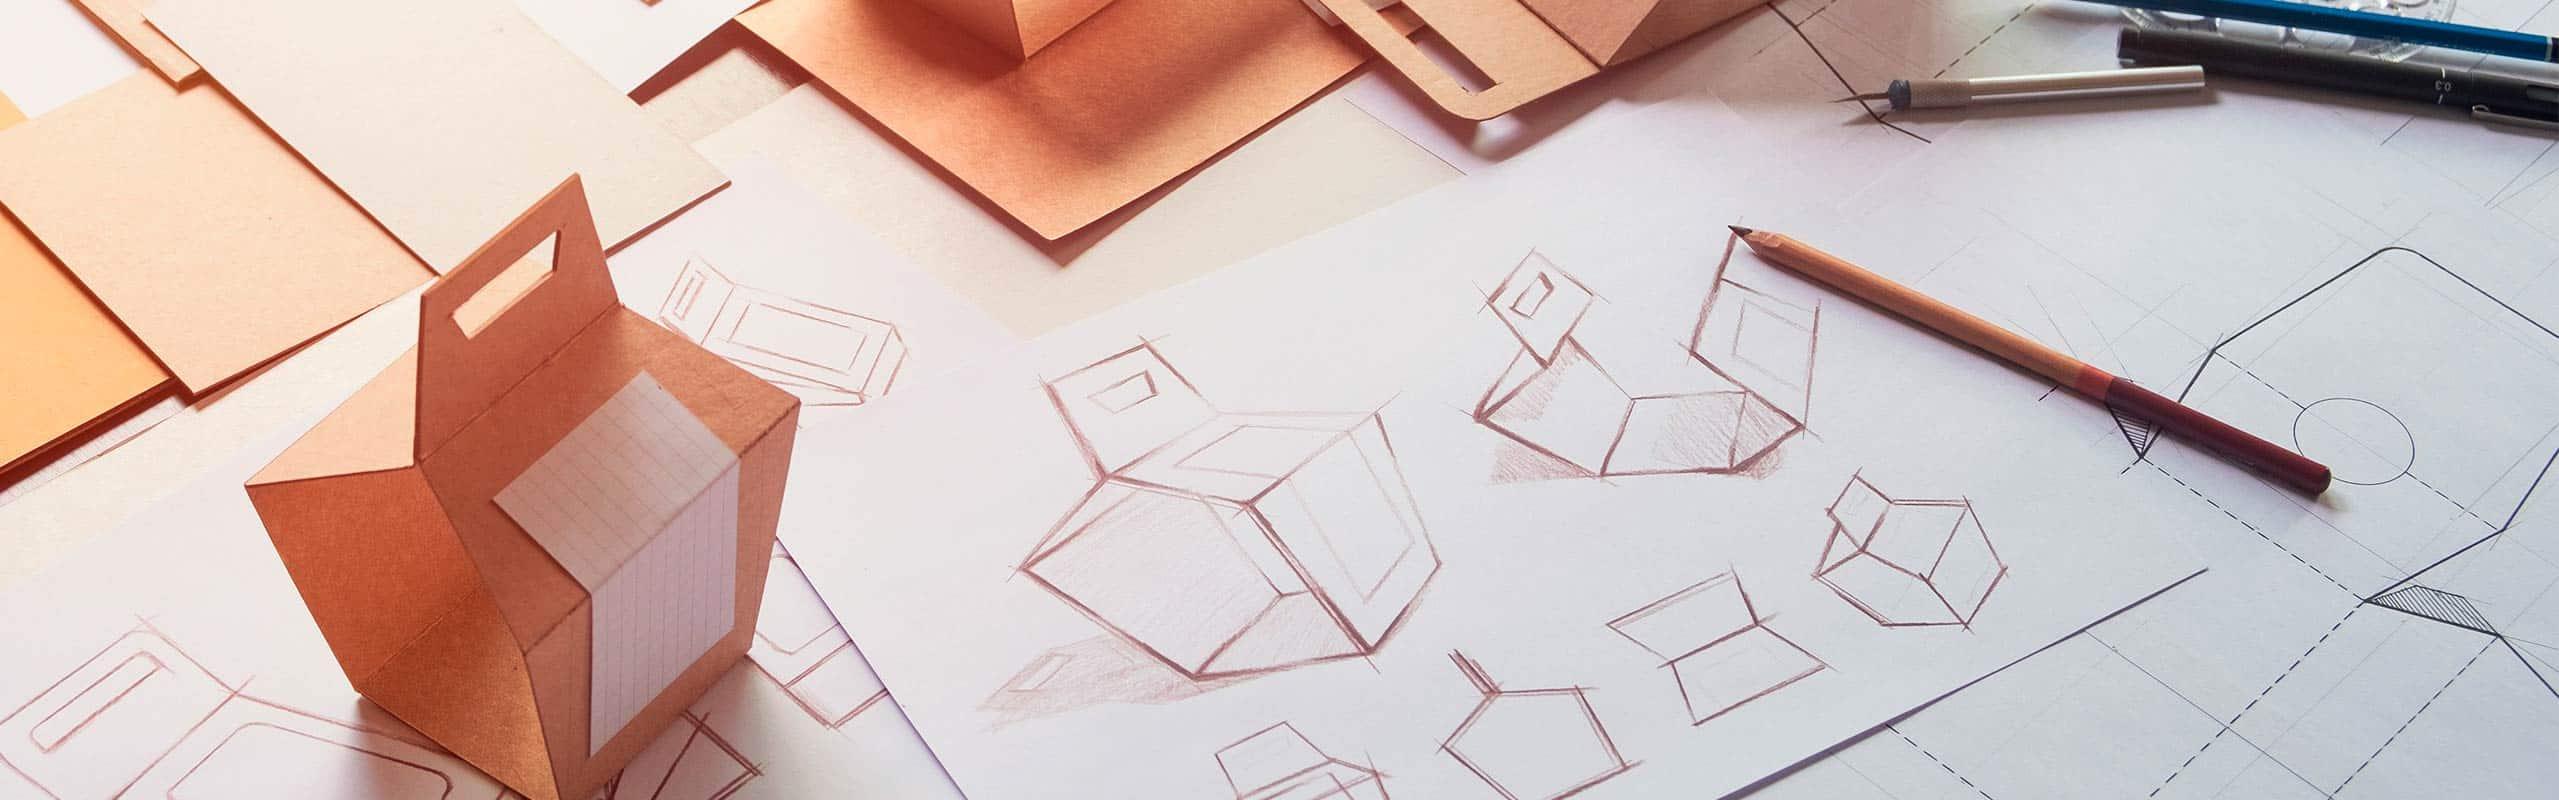 Descubre la importancia del packaging en logística